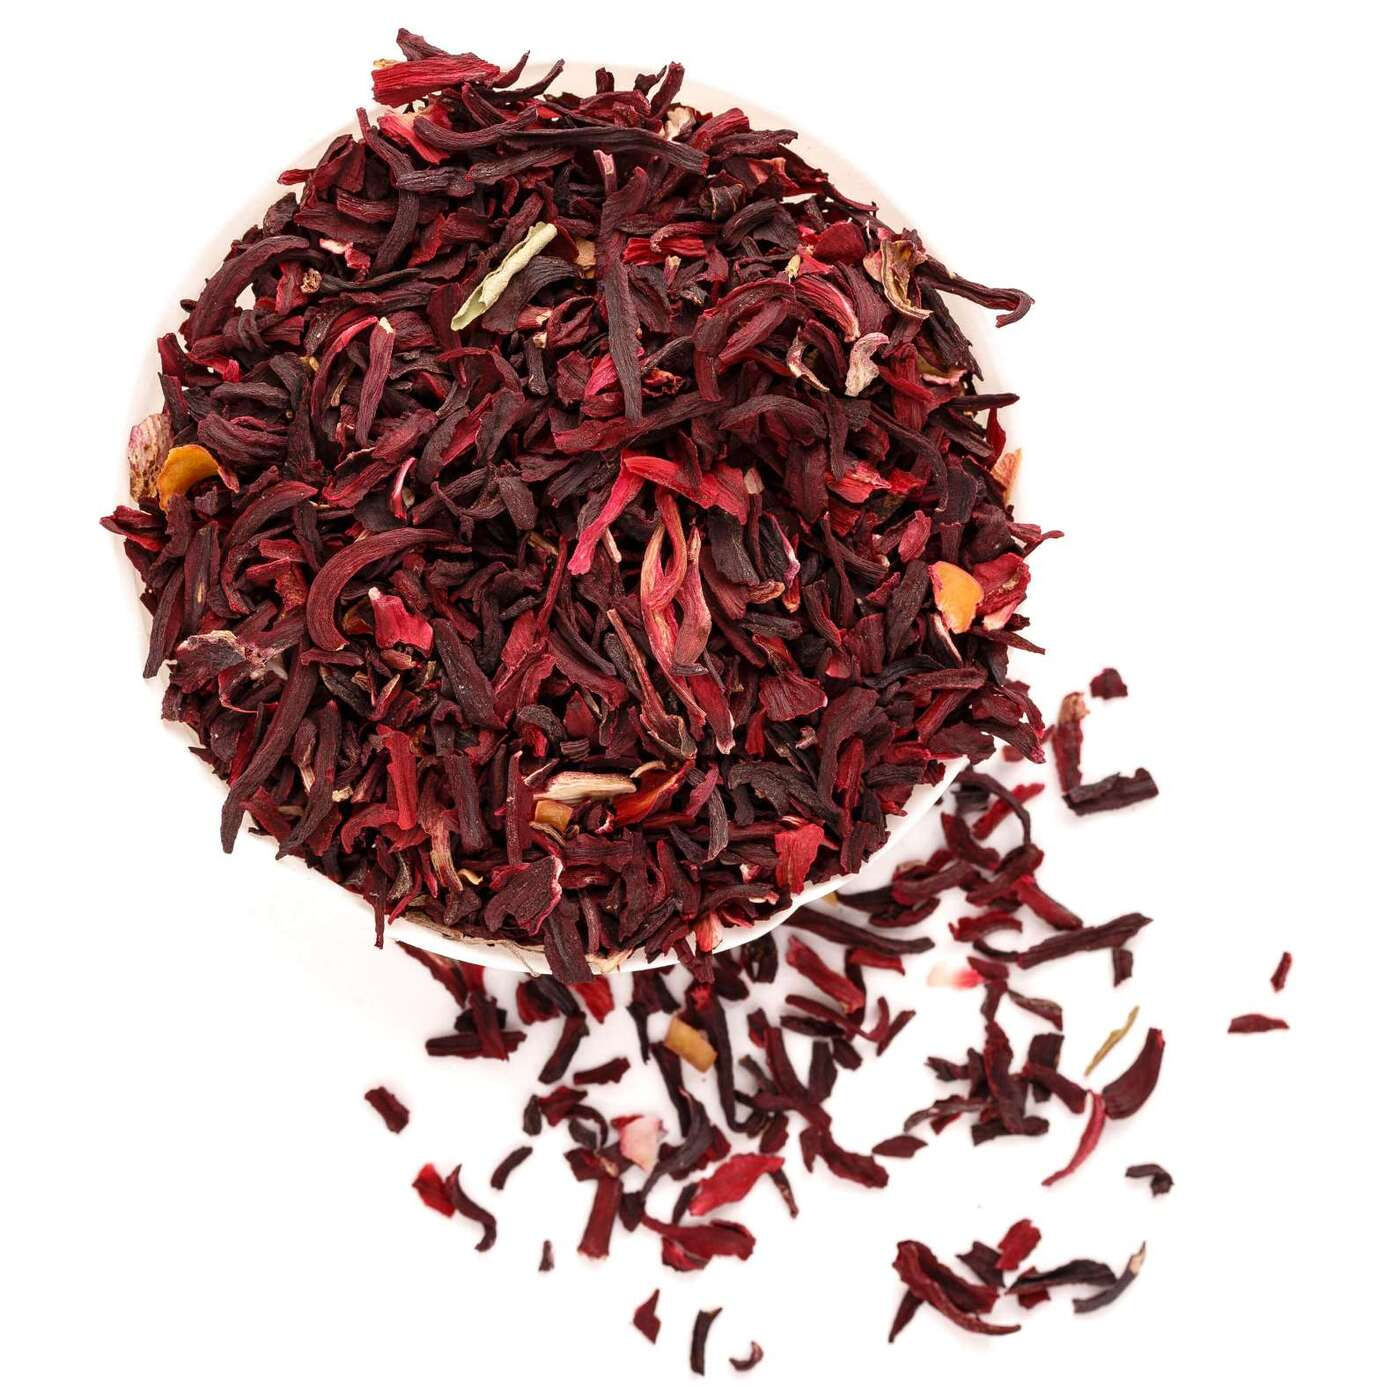 Чай каркаде: полезные свойства и противопоказания, как заваривать